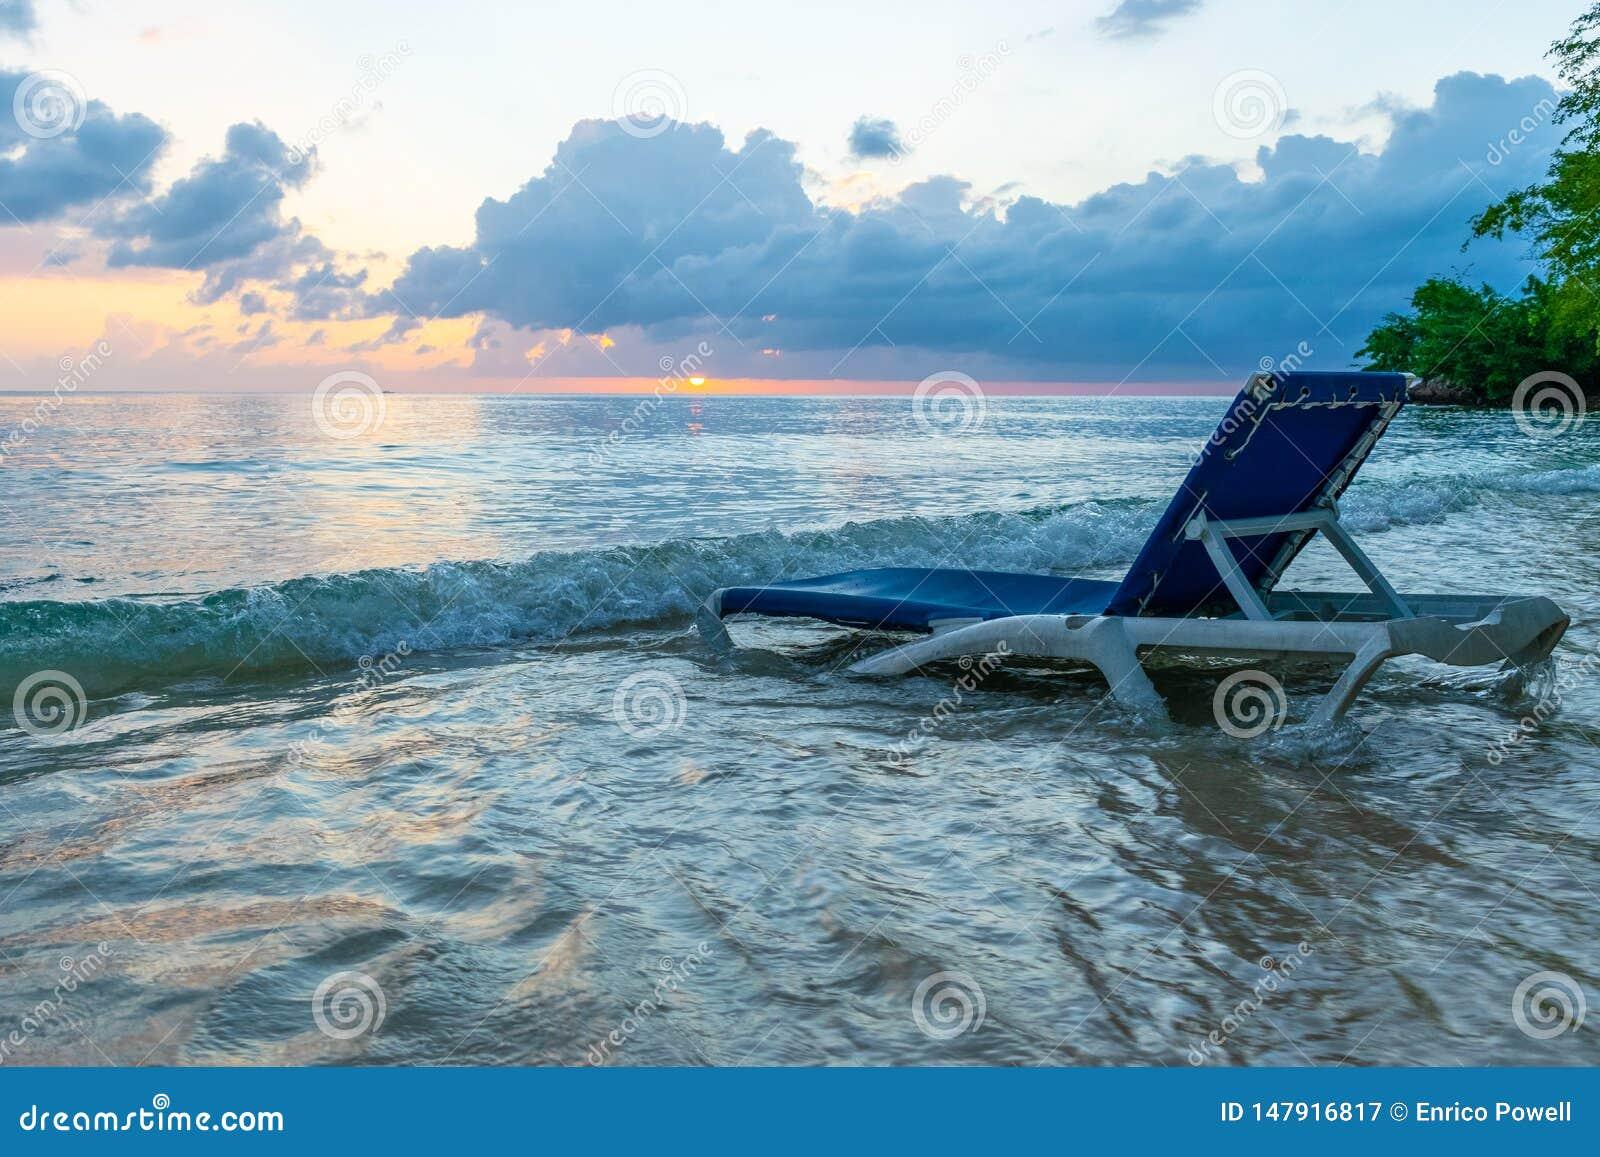 Η καρέκλα σαλονιών παραλιών στο νερό στην όμορφη άσπρη ακτή άμμου ως φως των ουρανών αρχίζει να καίγεται στο ηλιοβασίλεμα